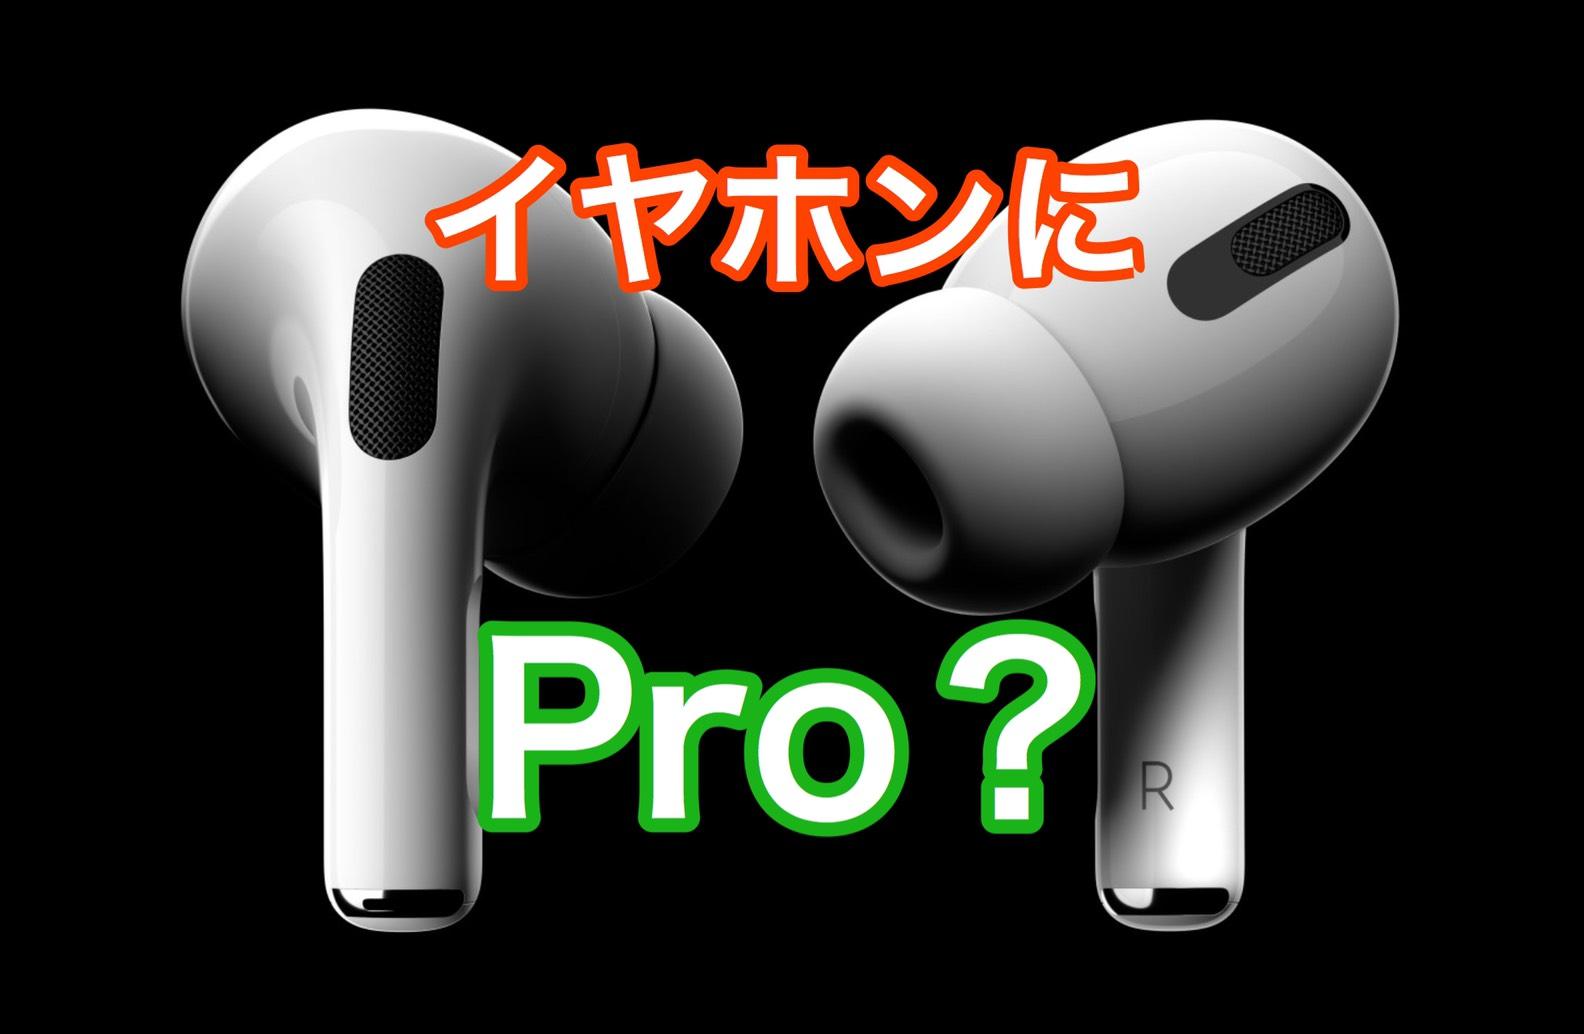 """【イヤホンにもPro!?】 """"Pro""""の増える最近のAppleにとって""""Pro""""とは?"""